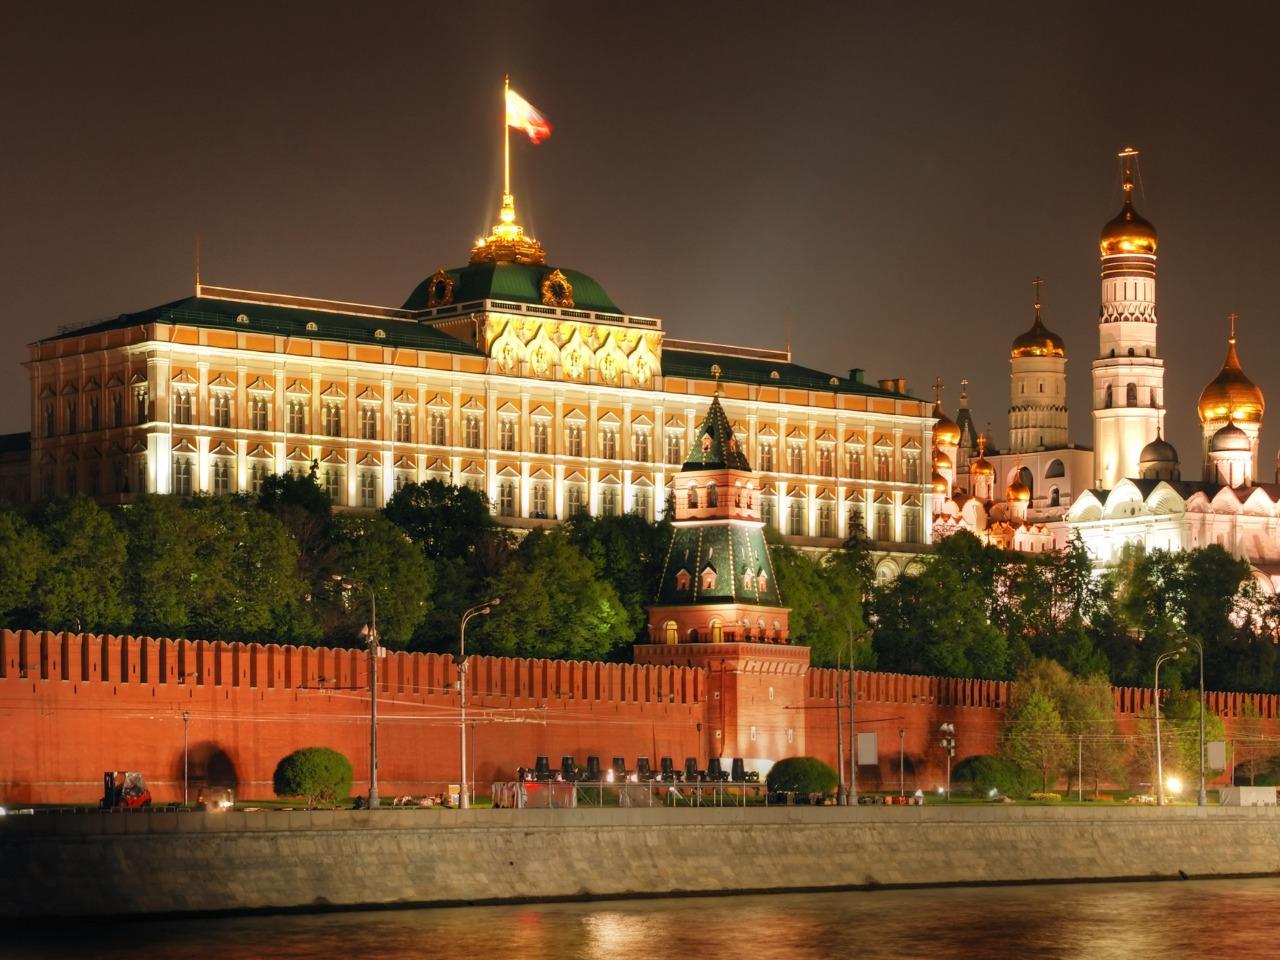 История и тайны Московского посада - индивидуальная экскурсия по Москве от опытного гида